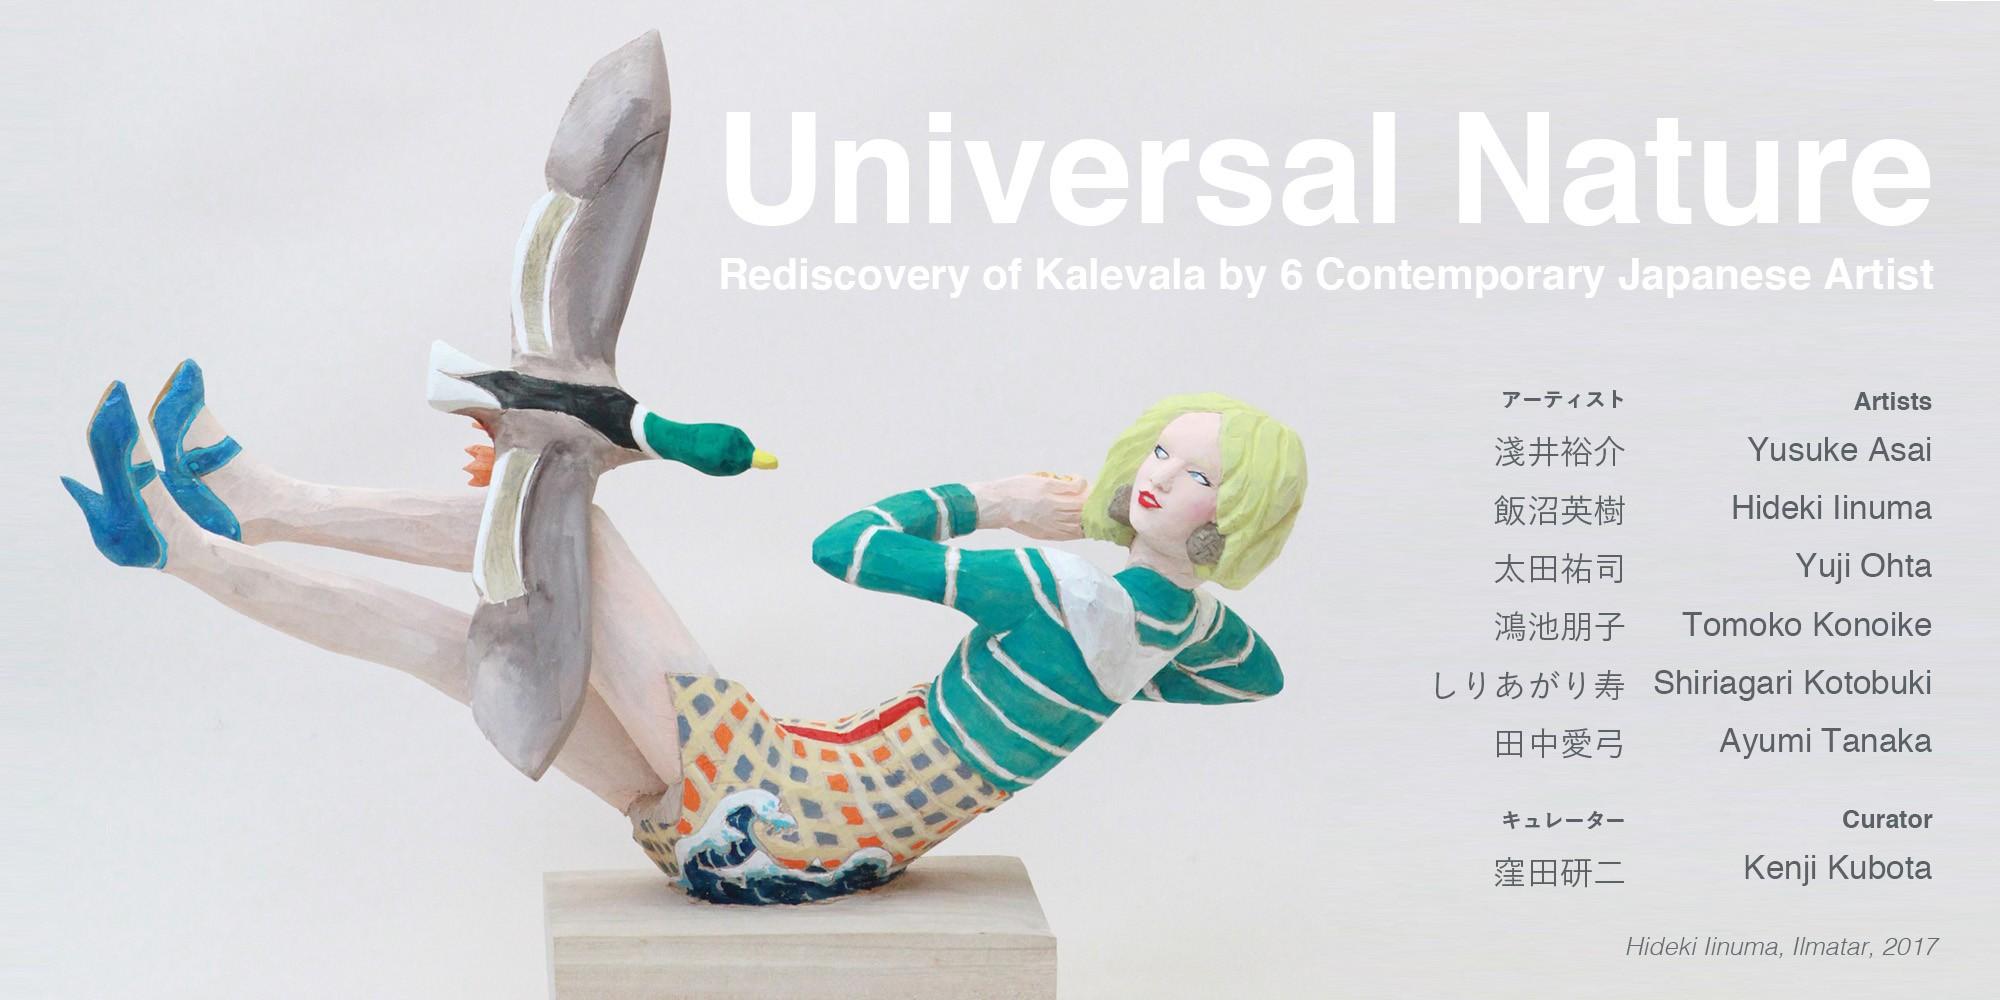 ユニバーサル・ネーチャー: 日本の現代美術家6名によるカレワラ展